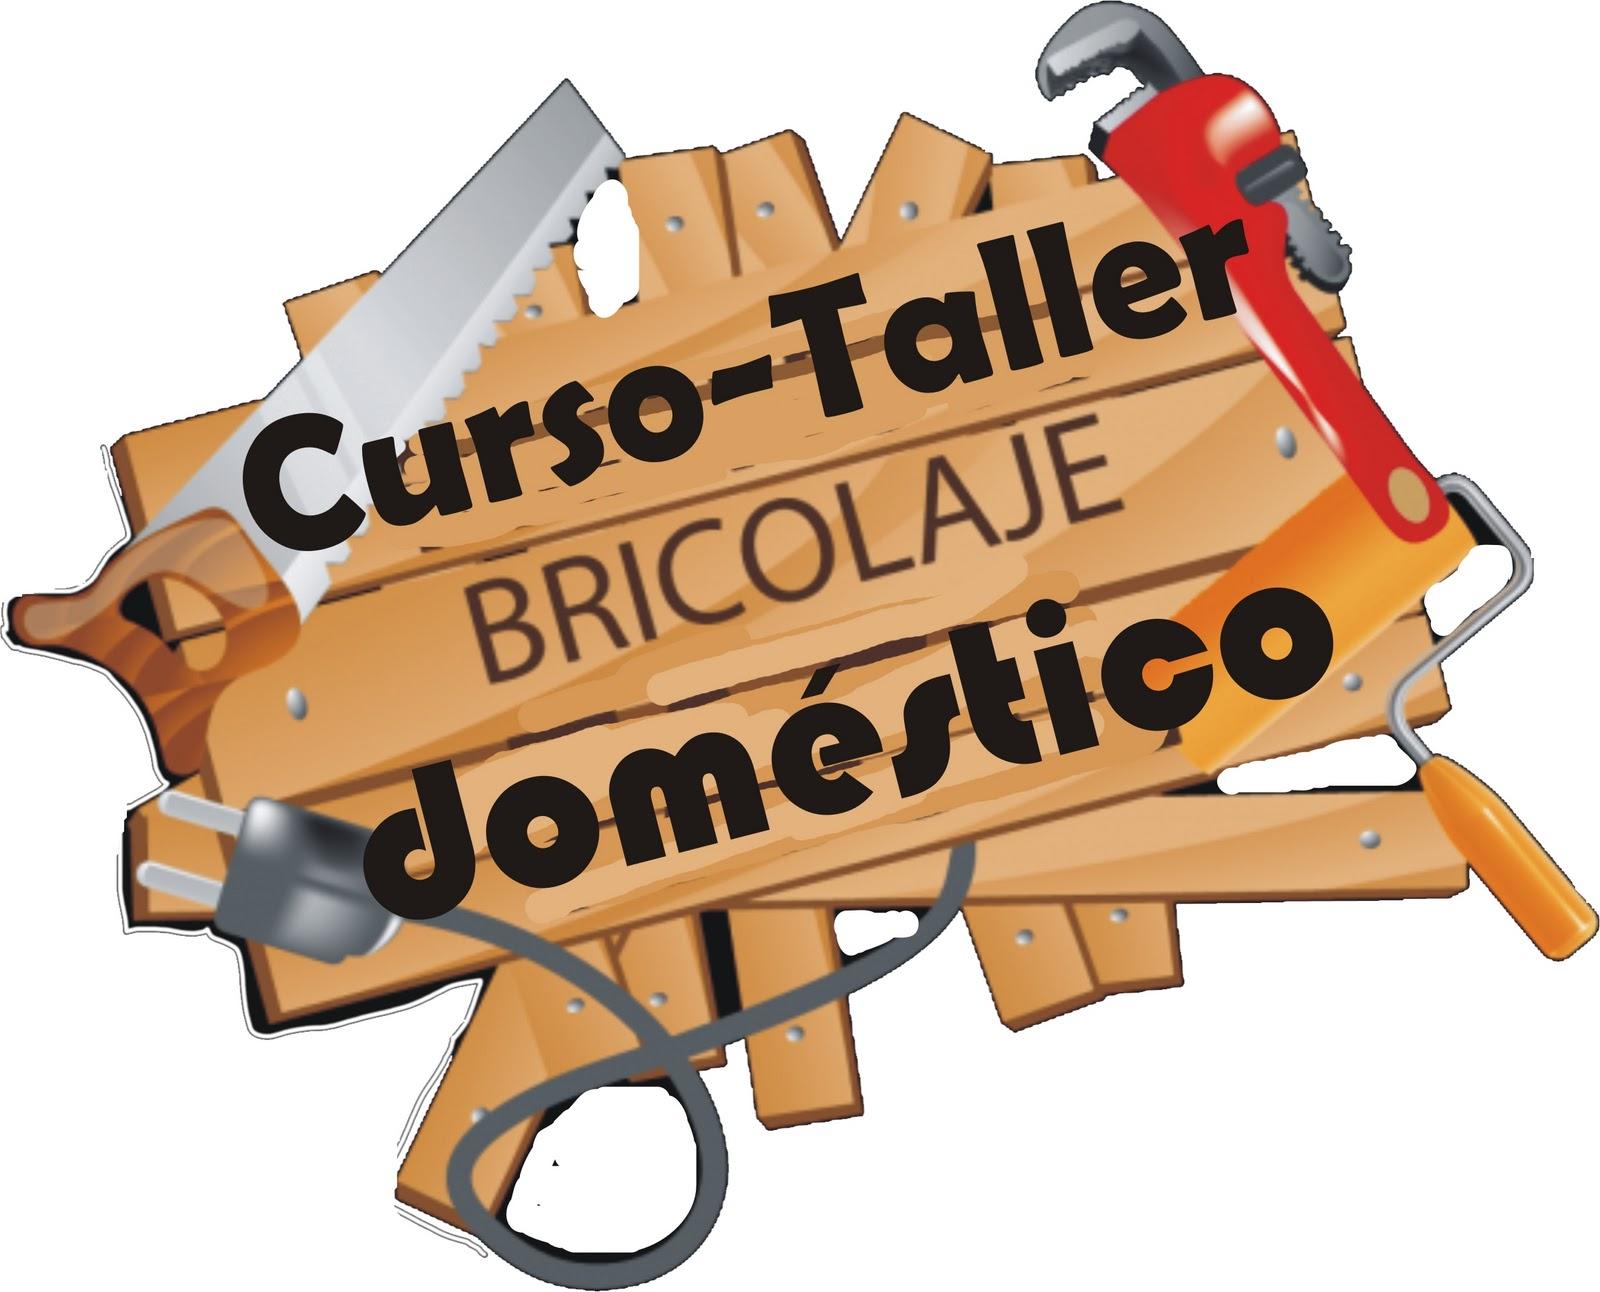 El jannat curso taller bricolaje dom stico - Curso de bricolaje ...